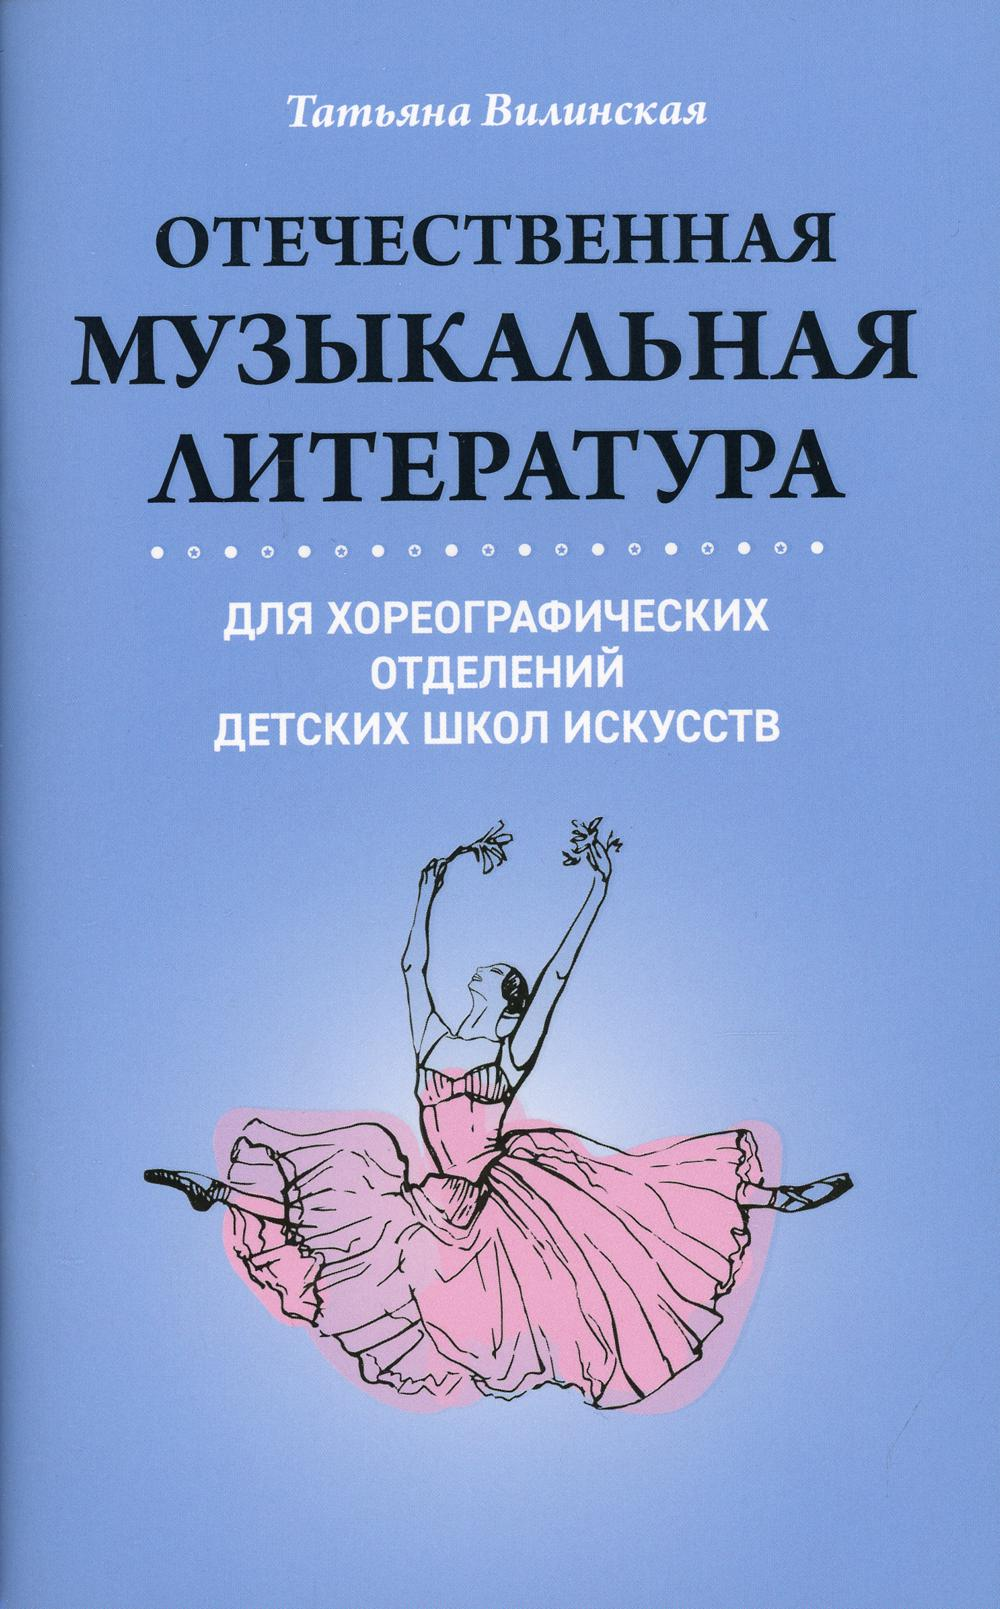 Отечественная музыкальная литература для хореограф.отделений ДШИ